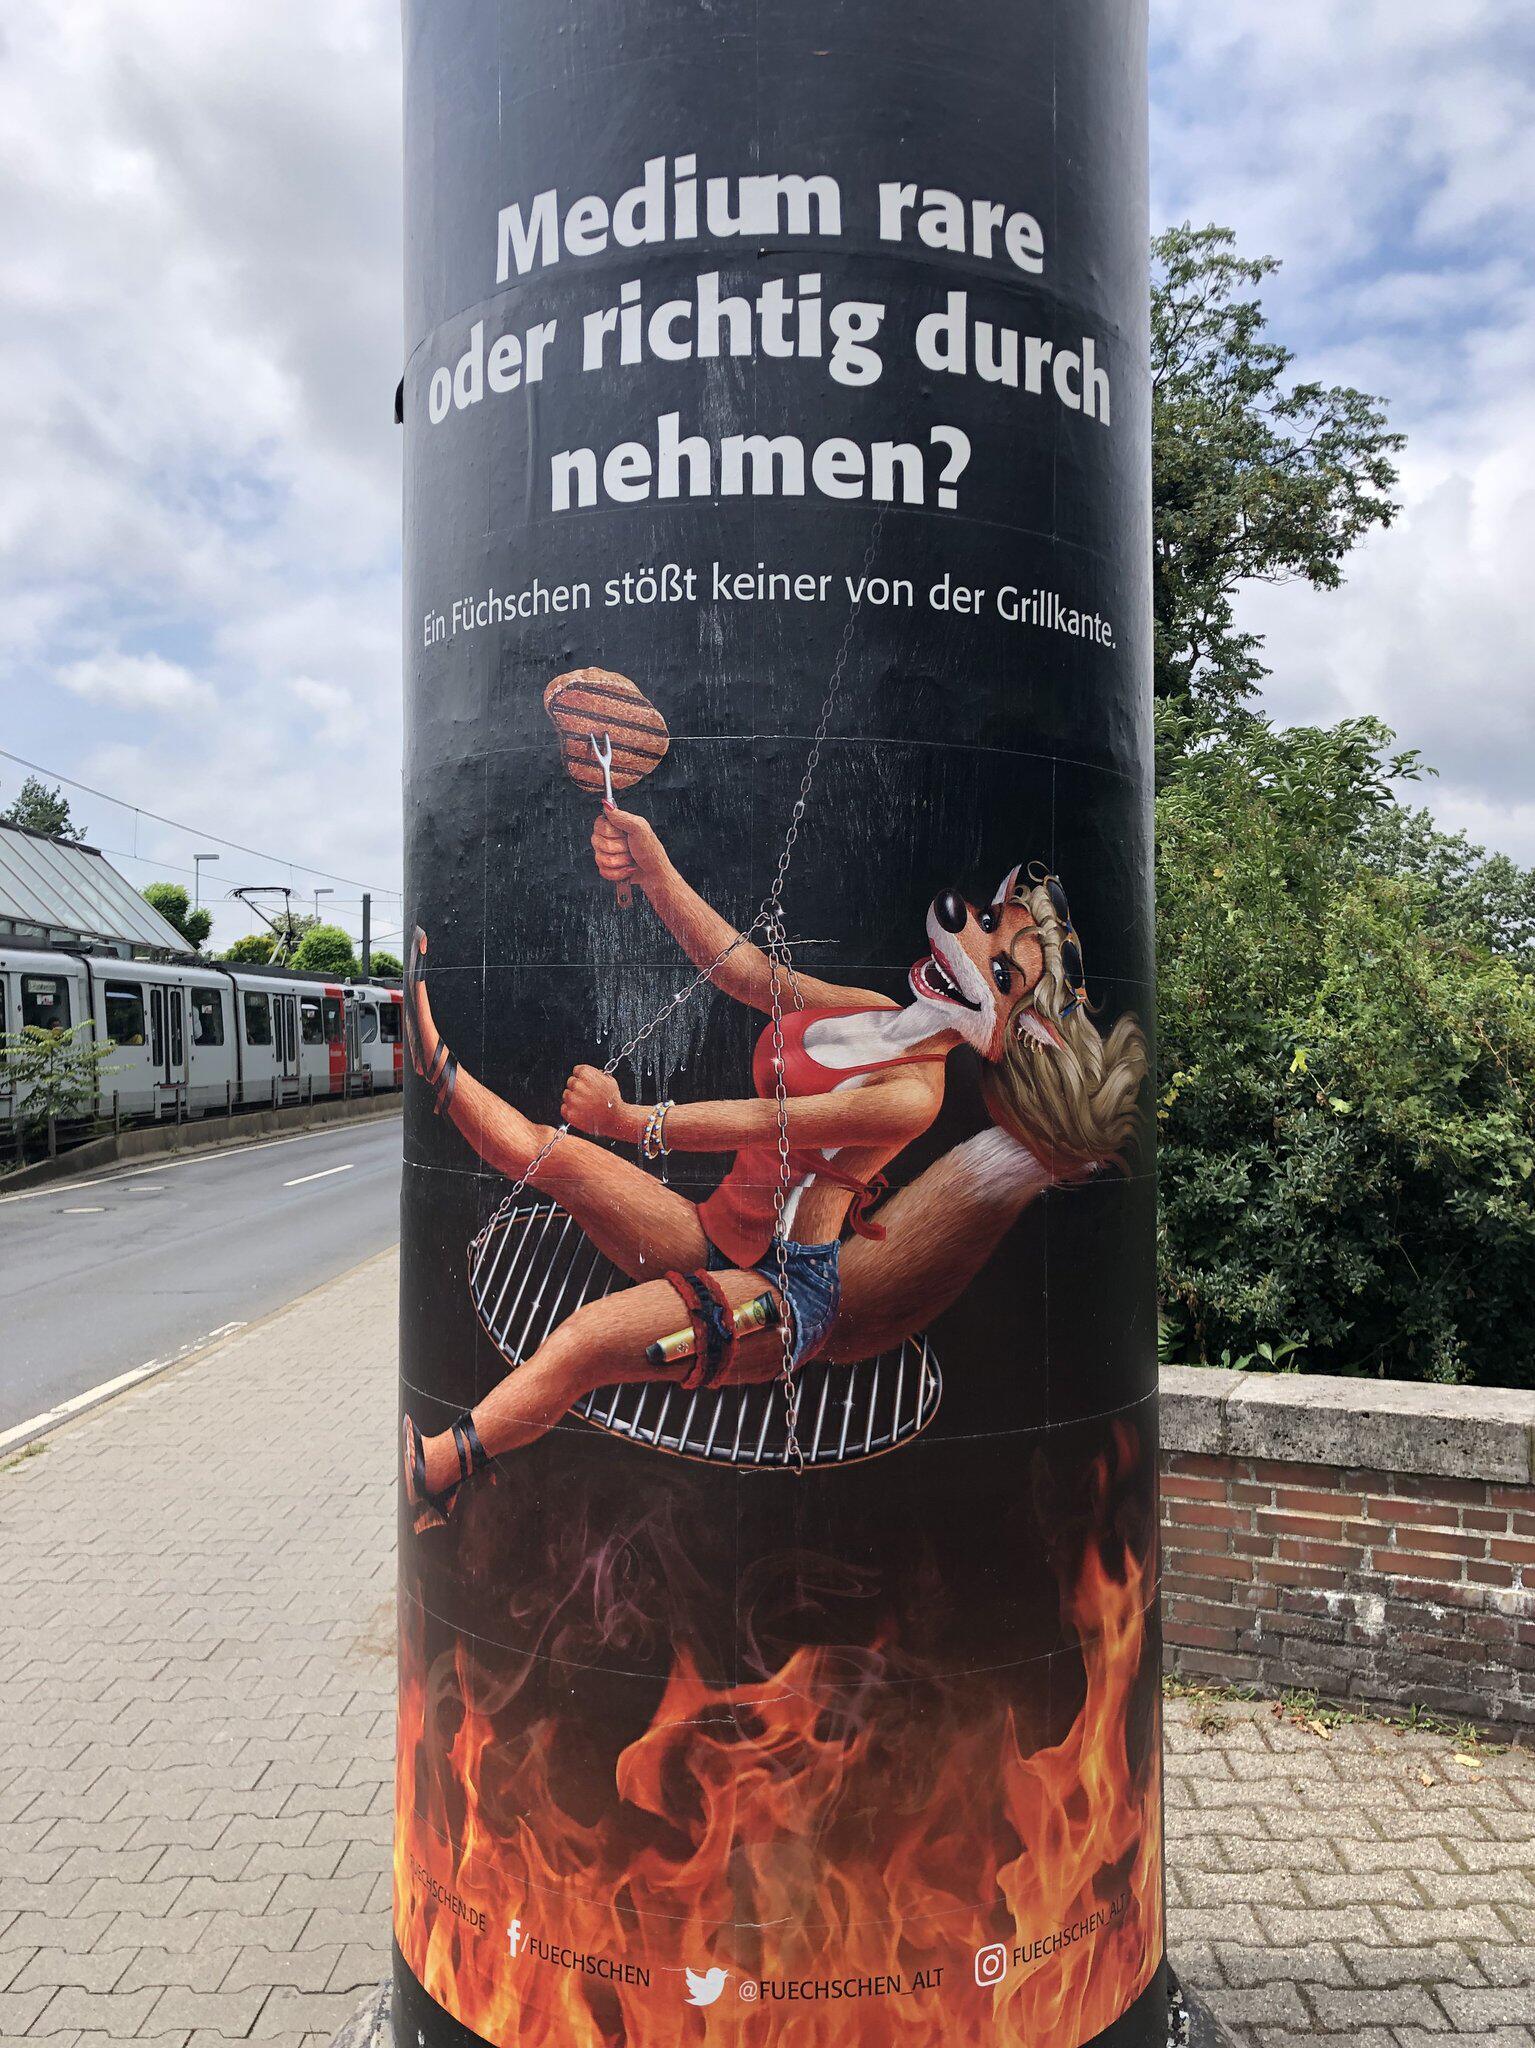 Bild zu Litfaßsäule mit umstrittener Werbung